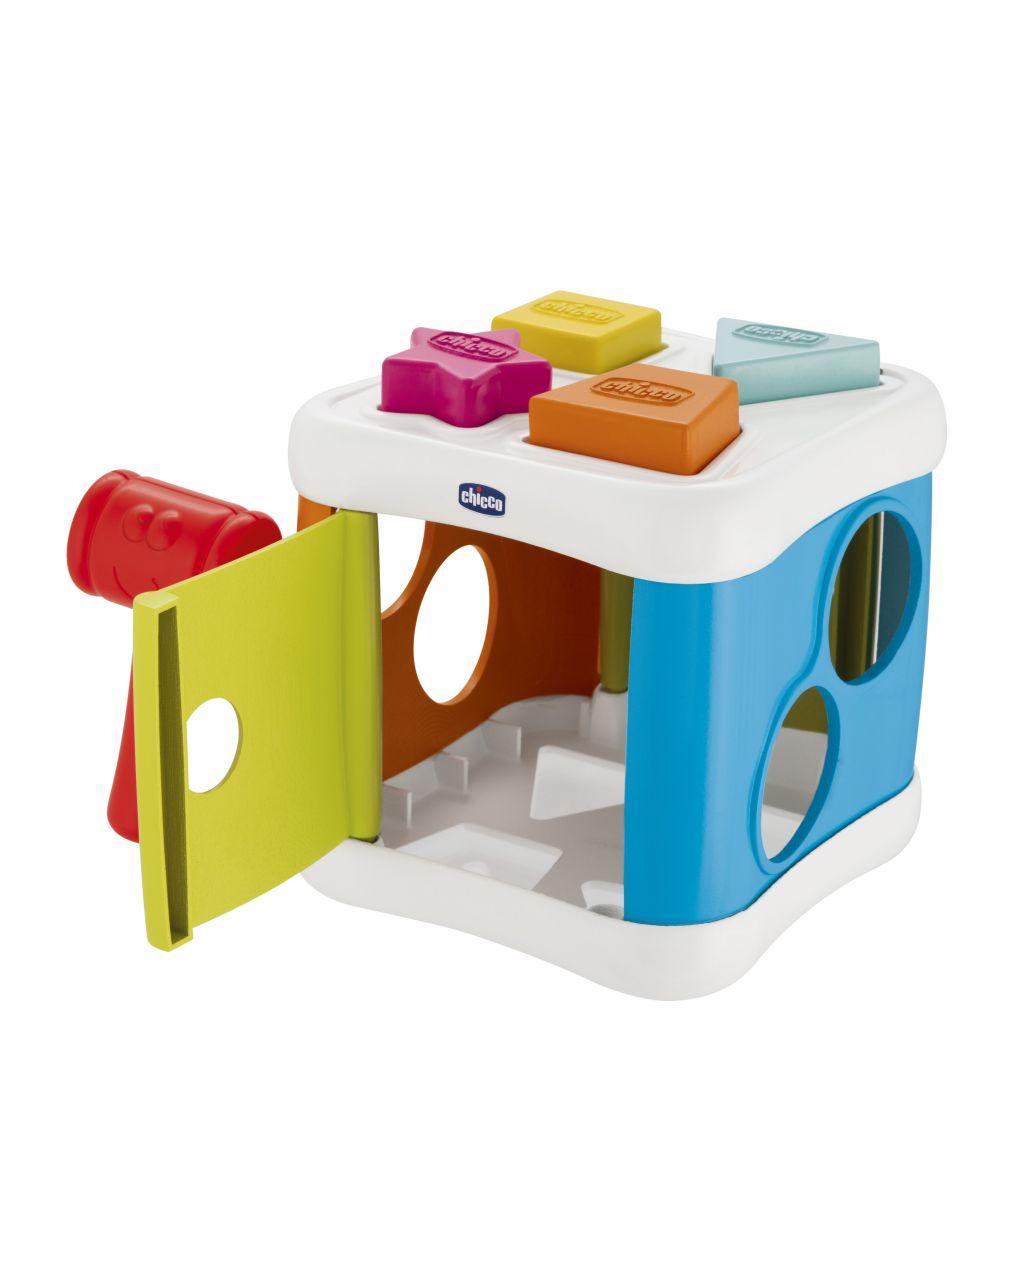 Chicco - forme incastri 2 in 1 cubo incastra & martella - Chicco